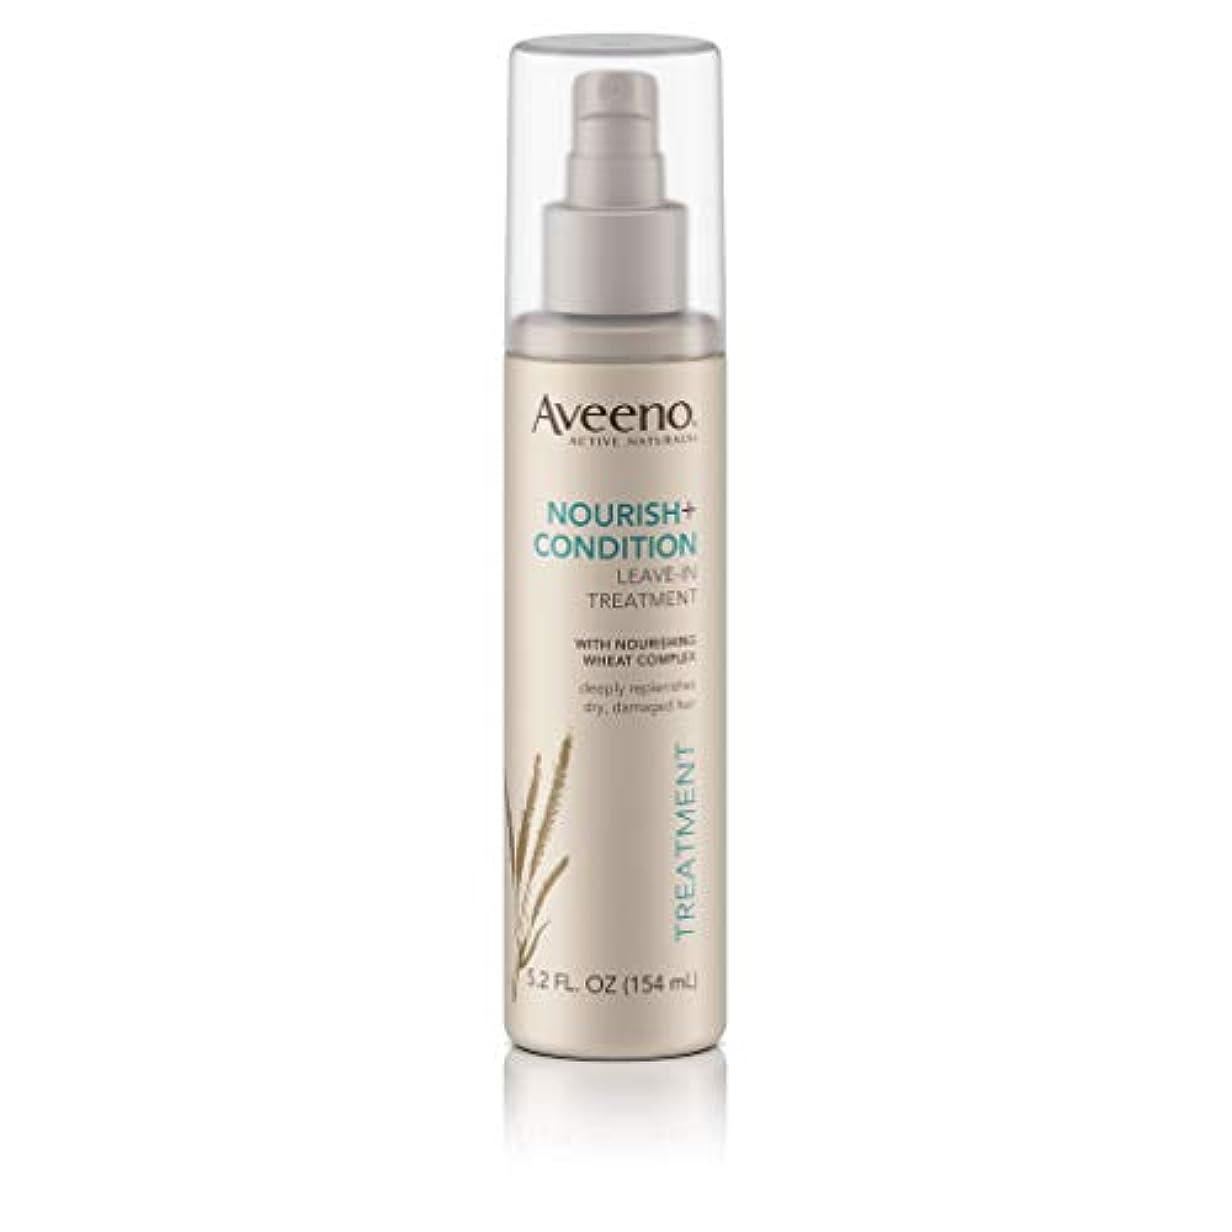 モノグラフビバ一月Aveeno Nourish+ Condition Treatment Spray 150g (並行輸入品)